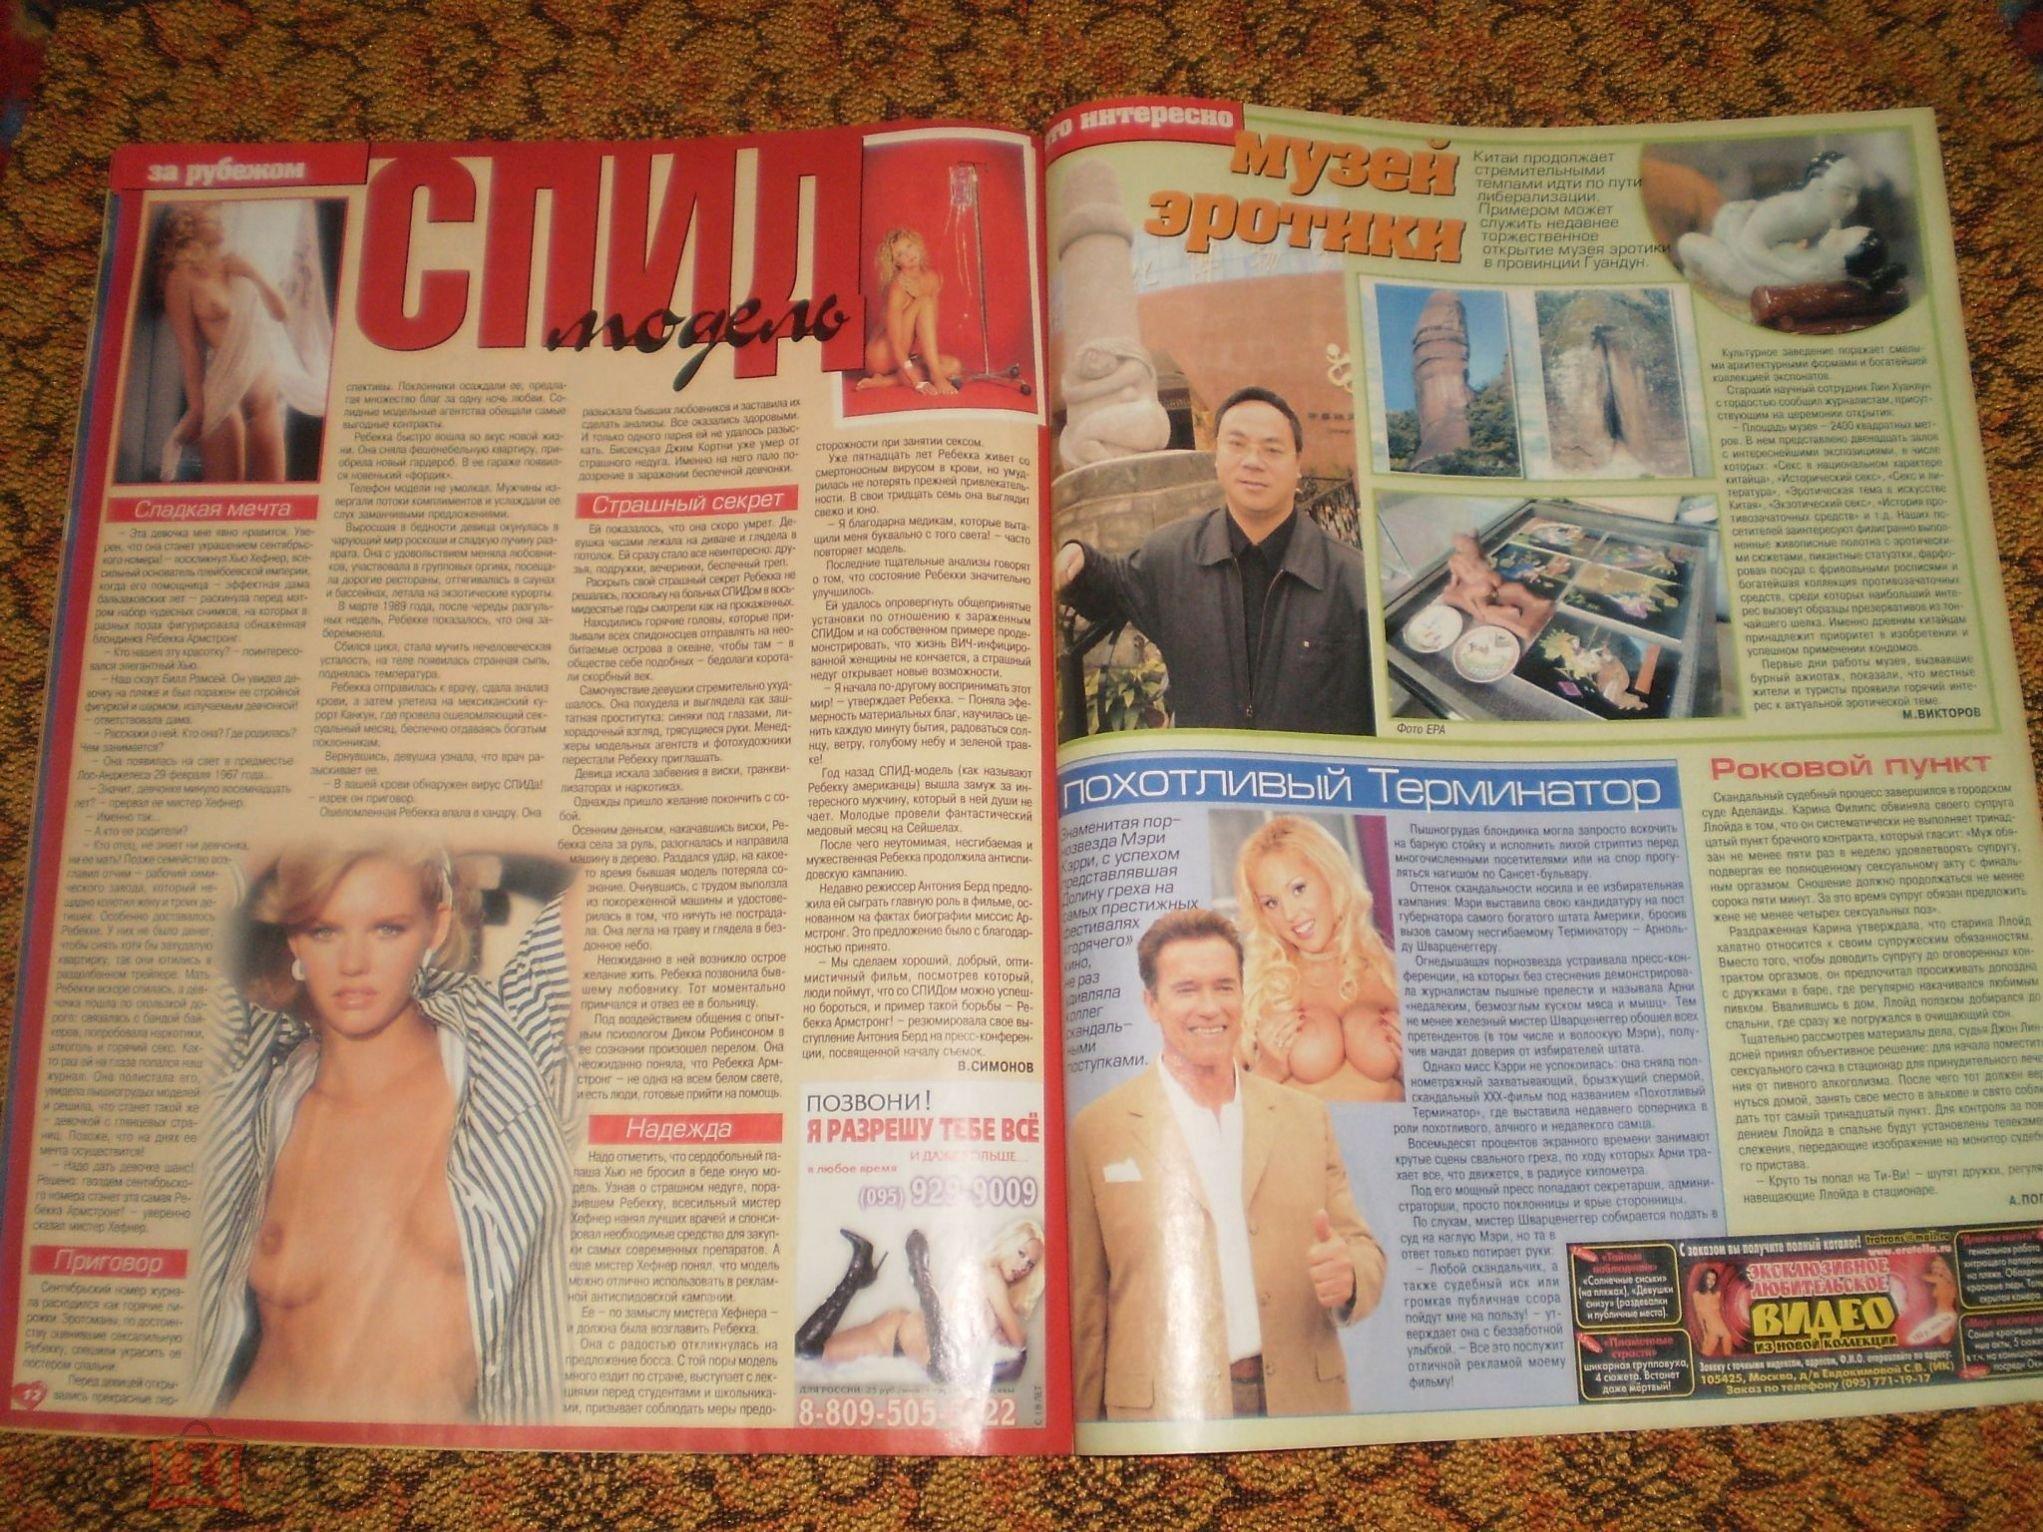 Эротические журналы продаваемые в россии, Эротические журналы - фото голых девушек 26 фотография